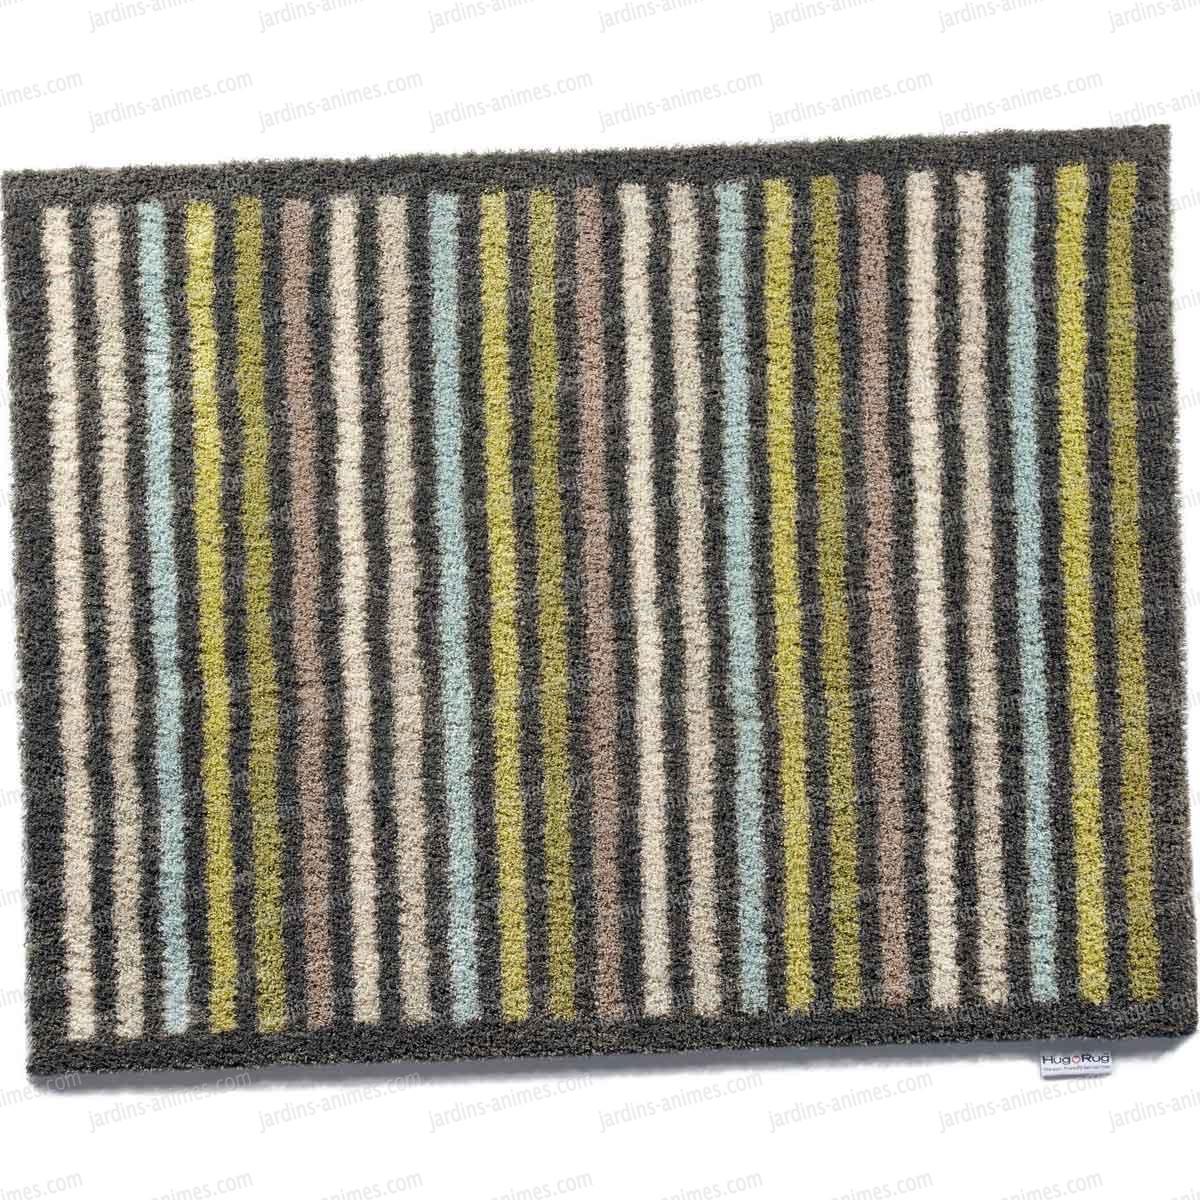 paillasson motif stripe12 100 recycl 65x85cm paillasson nettoie bottes. Black Bedroom Furniture Sets. Home Design Ideas